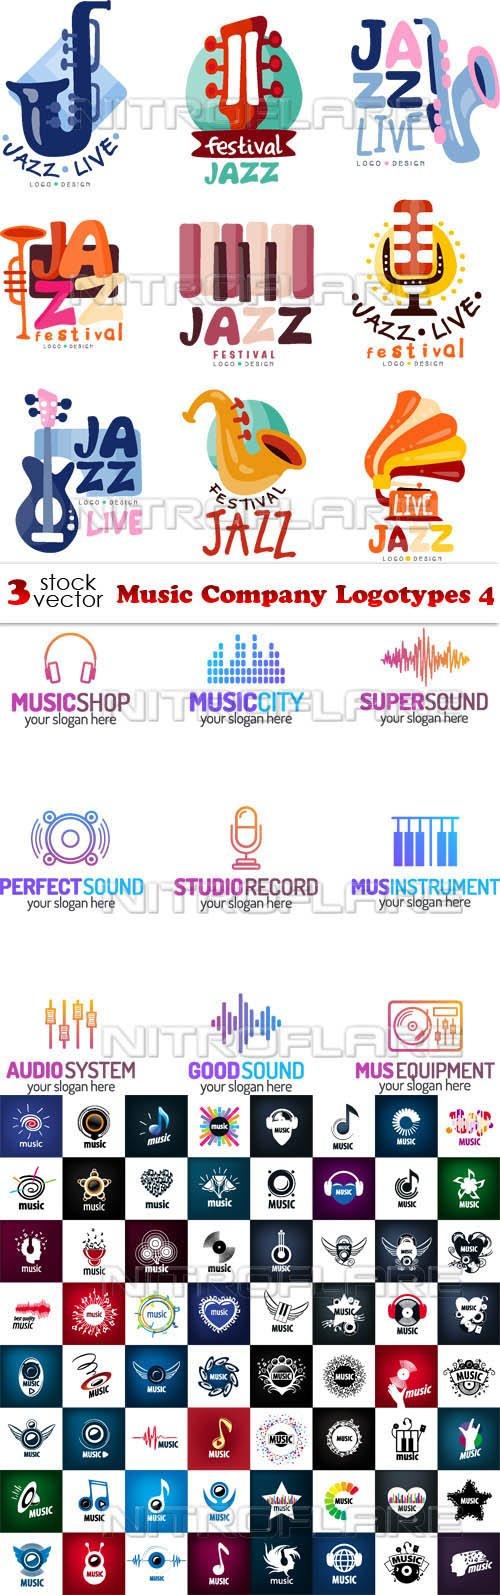 Vectors - Music Company Logotypes 4